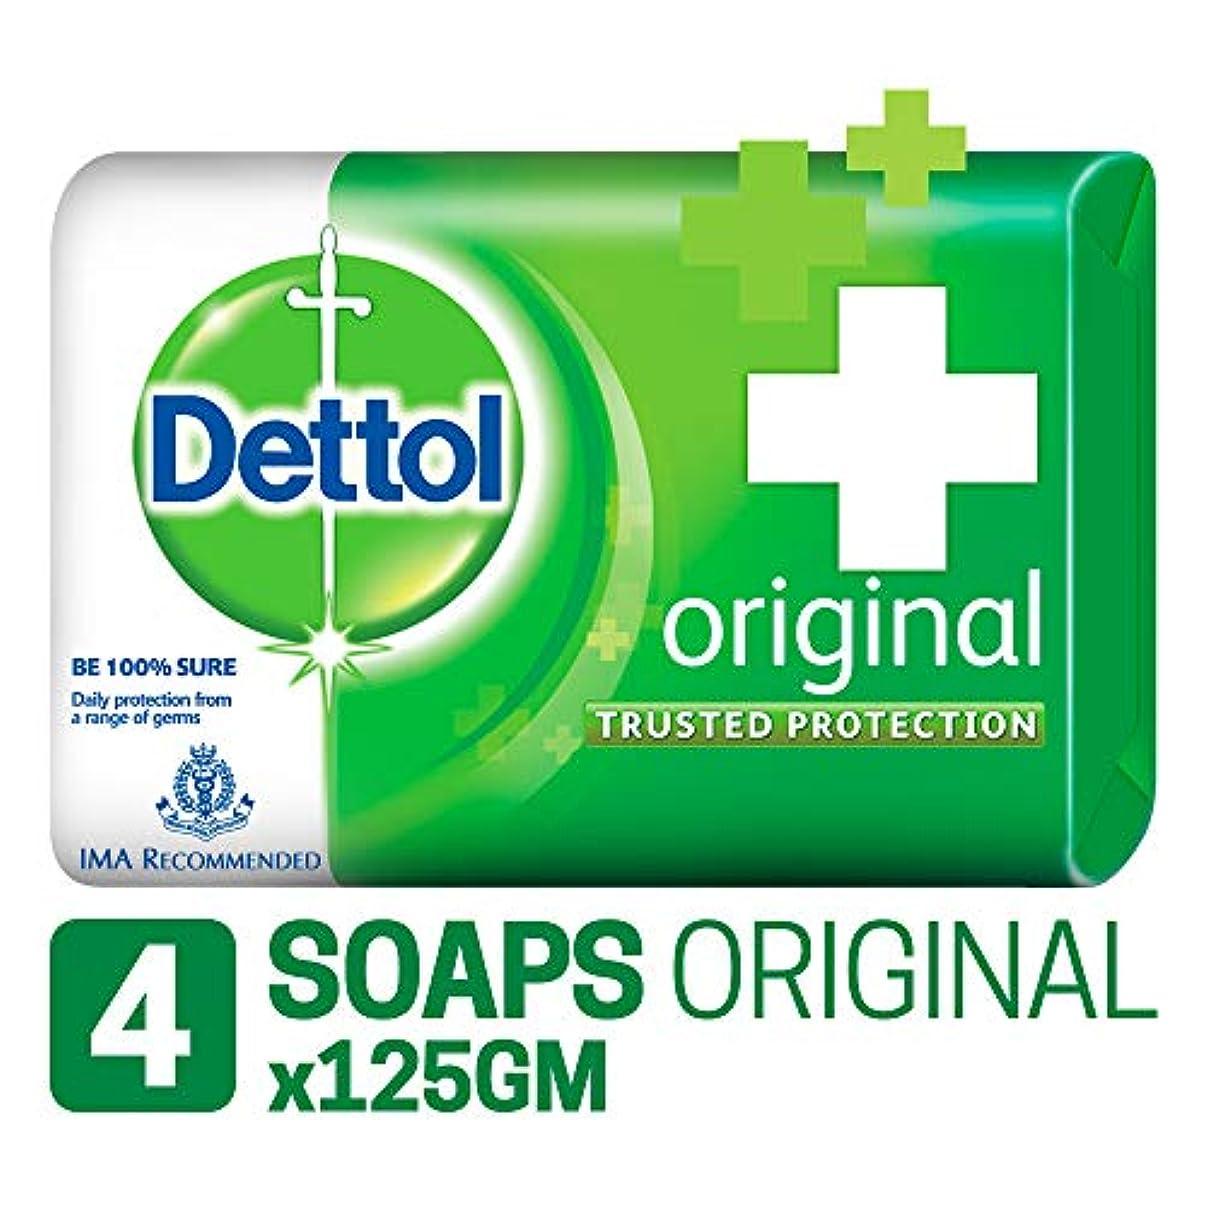 タンク忌み嫌う思春期Dettol Original Soap, 125g (Pack Of 4) SHIP FROM INDIA